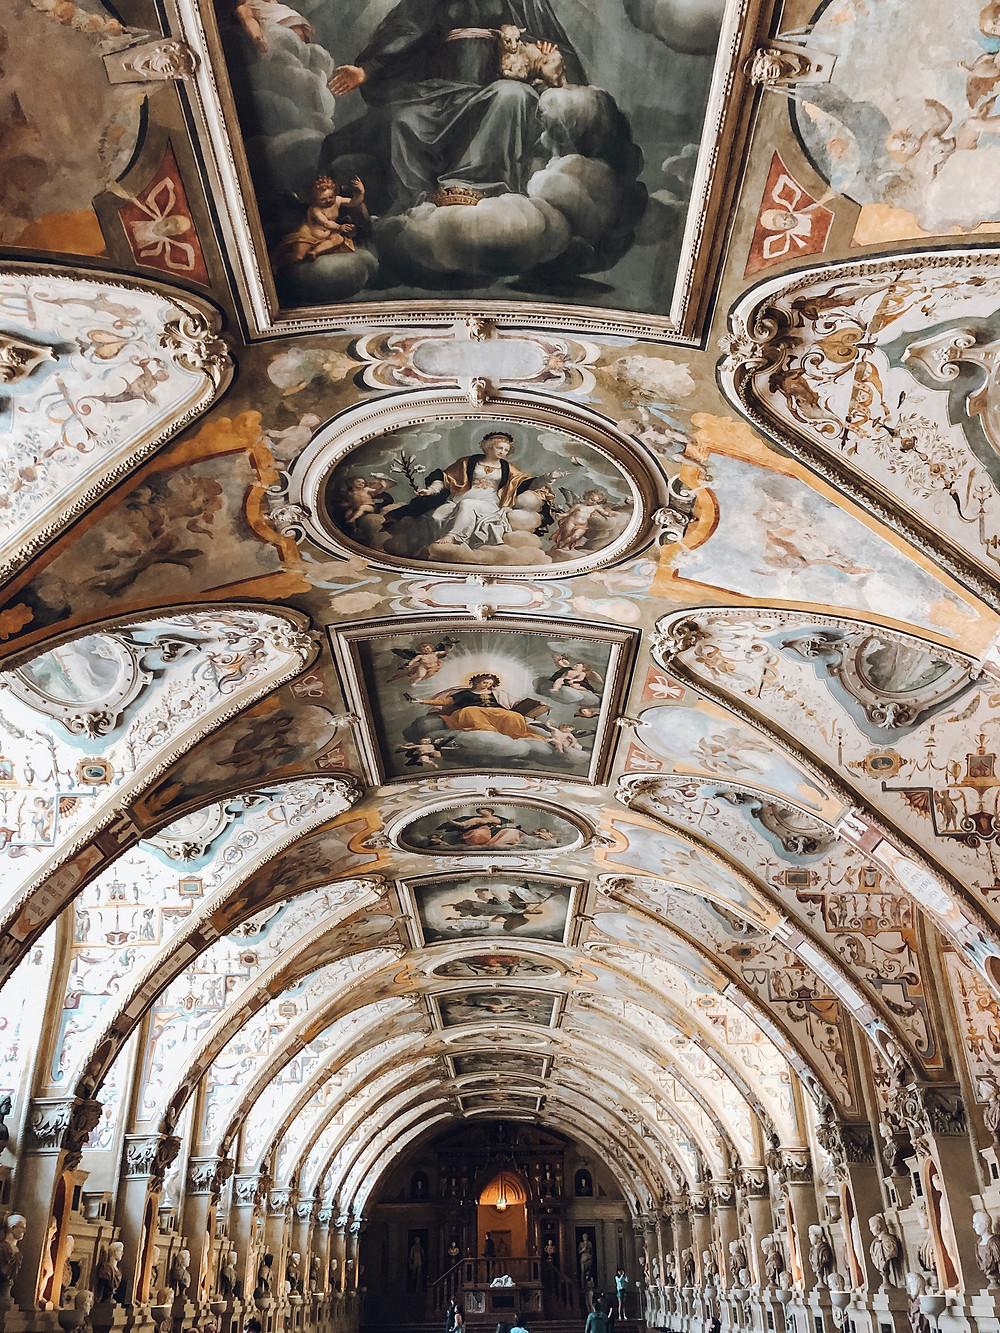 Munich Residence Munich Germany hall